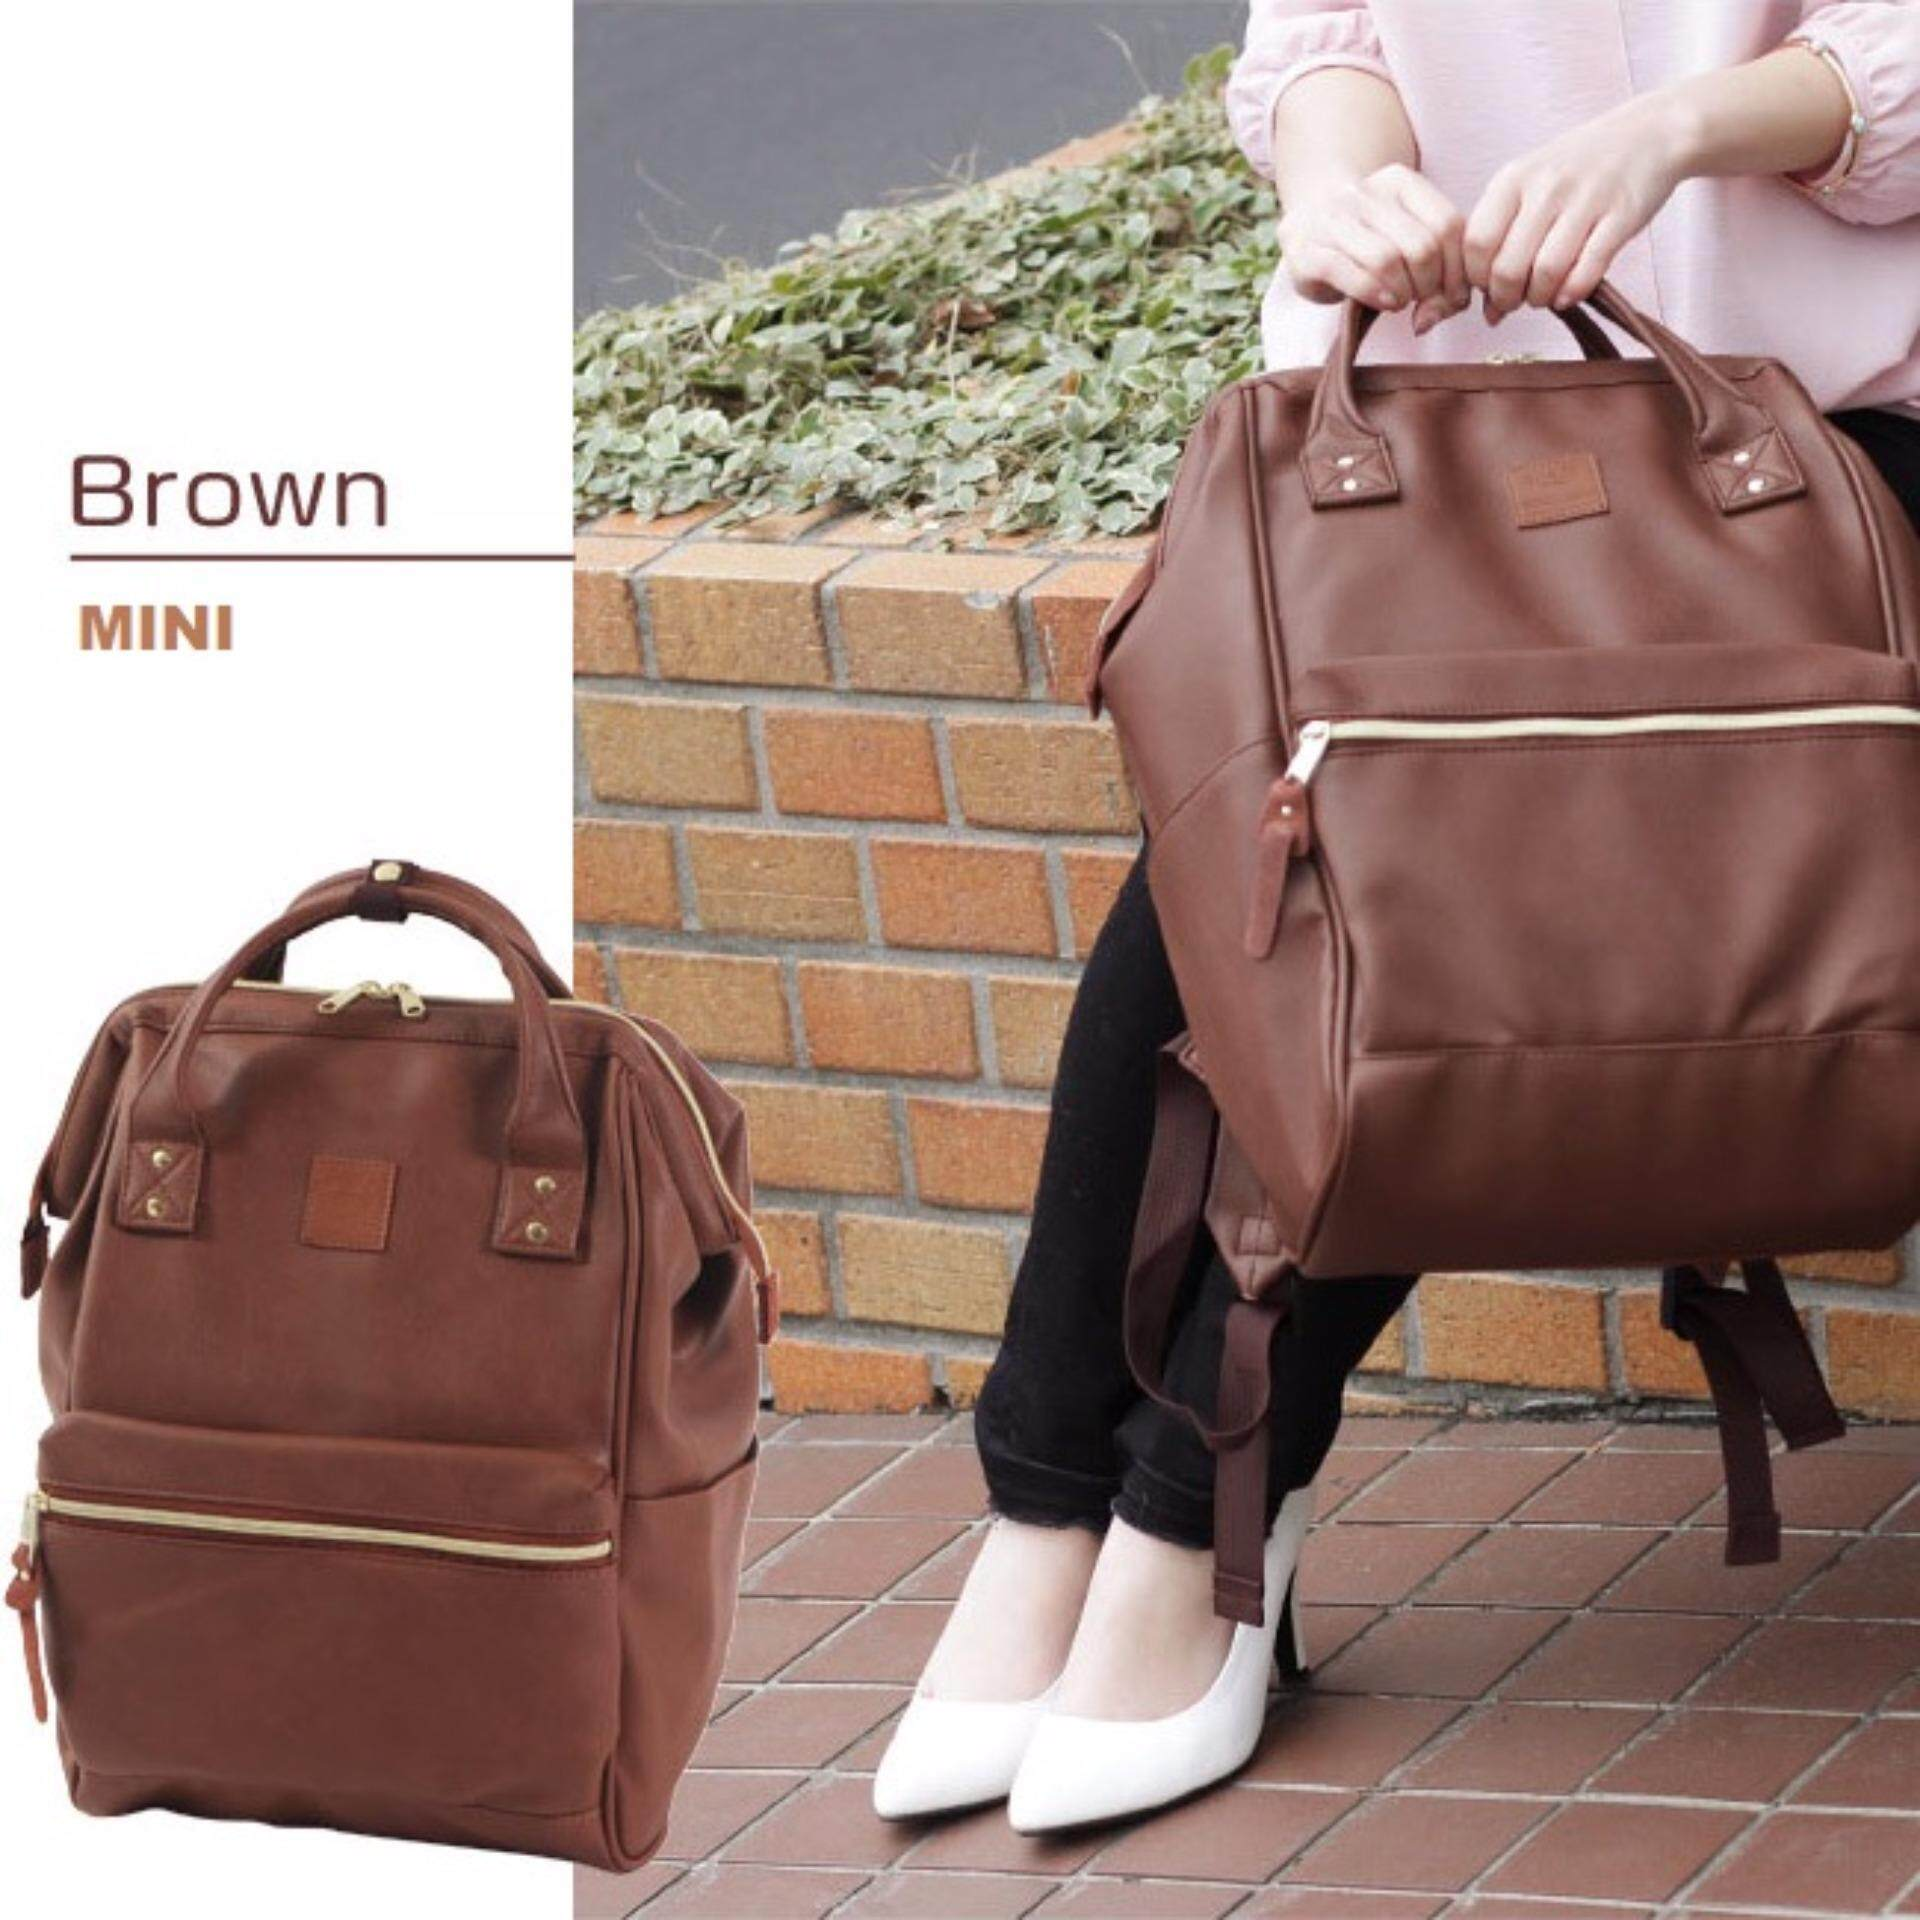 สอนใช้งาน  พังงา กระเป๋าเป้สะพายหลัง Anello PU Backpack Brown (Mini Size) - Japan Imported 100%